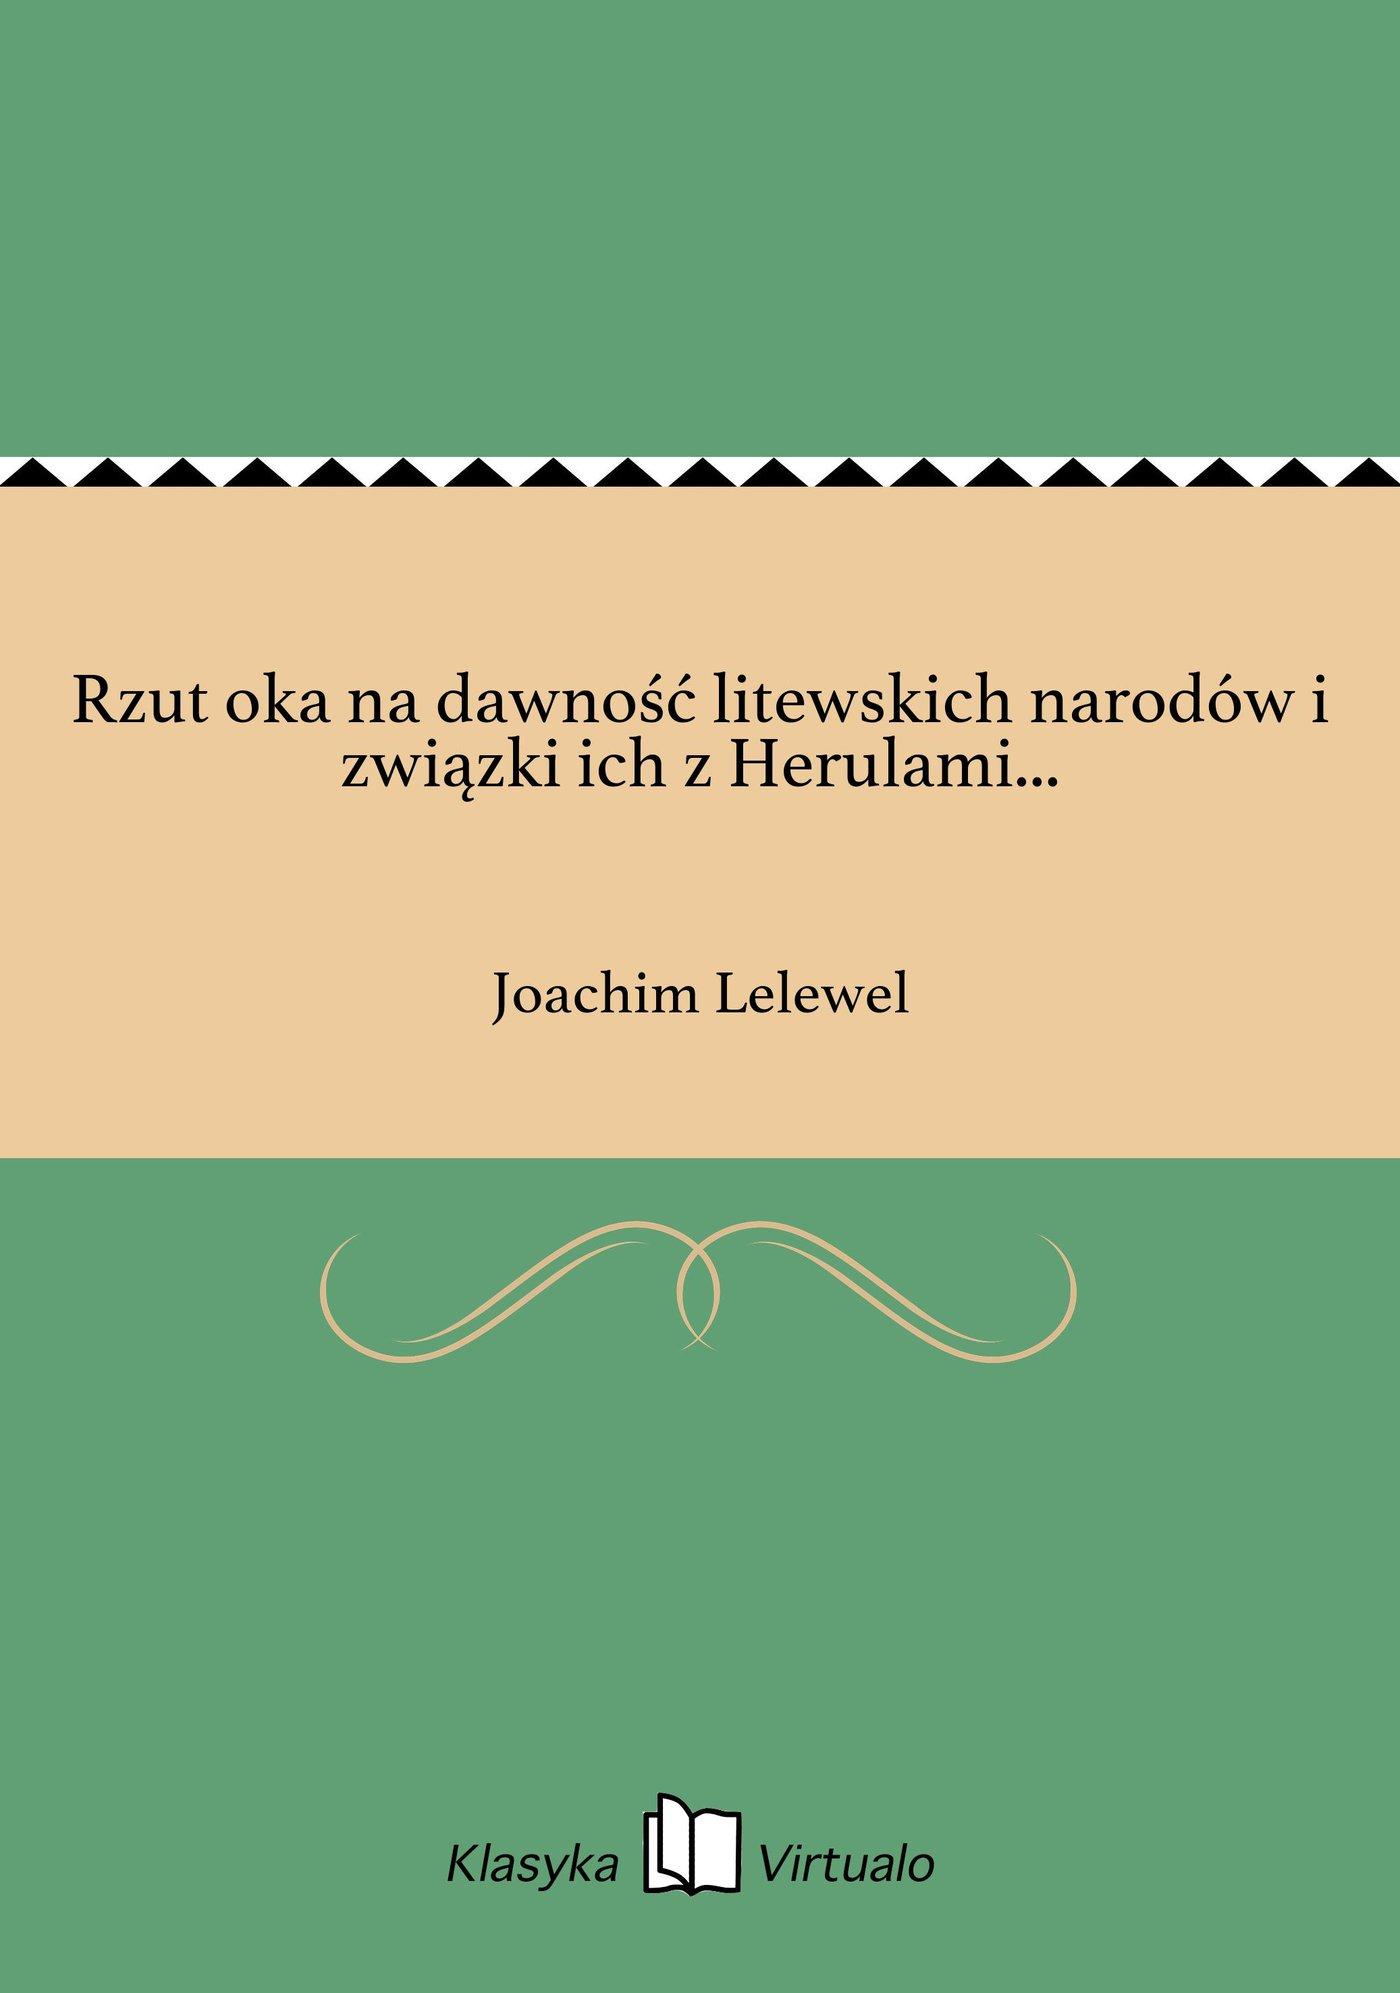 Rzut oka na dawność litewskich narodów i związki ich z Herulami... - Ebook (Książka EPUB) do pobrania w formacie EPUB